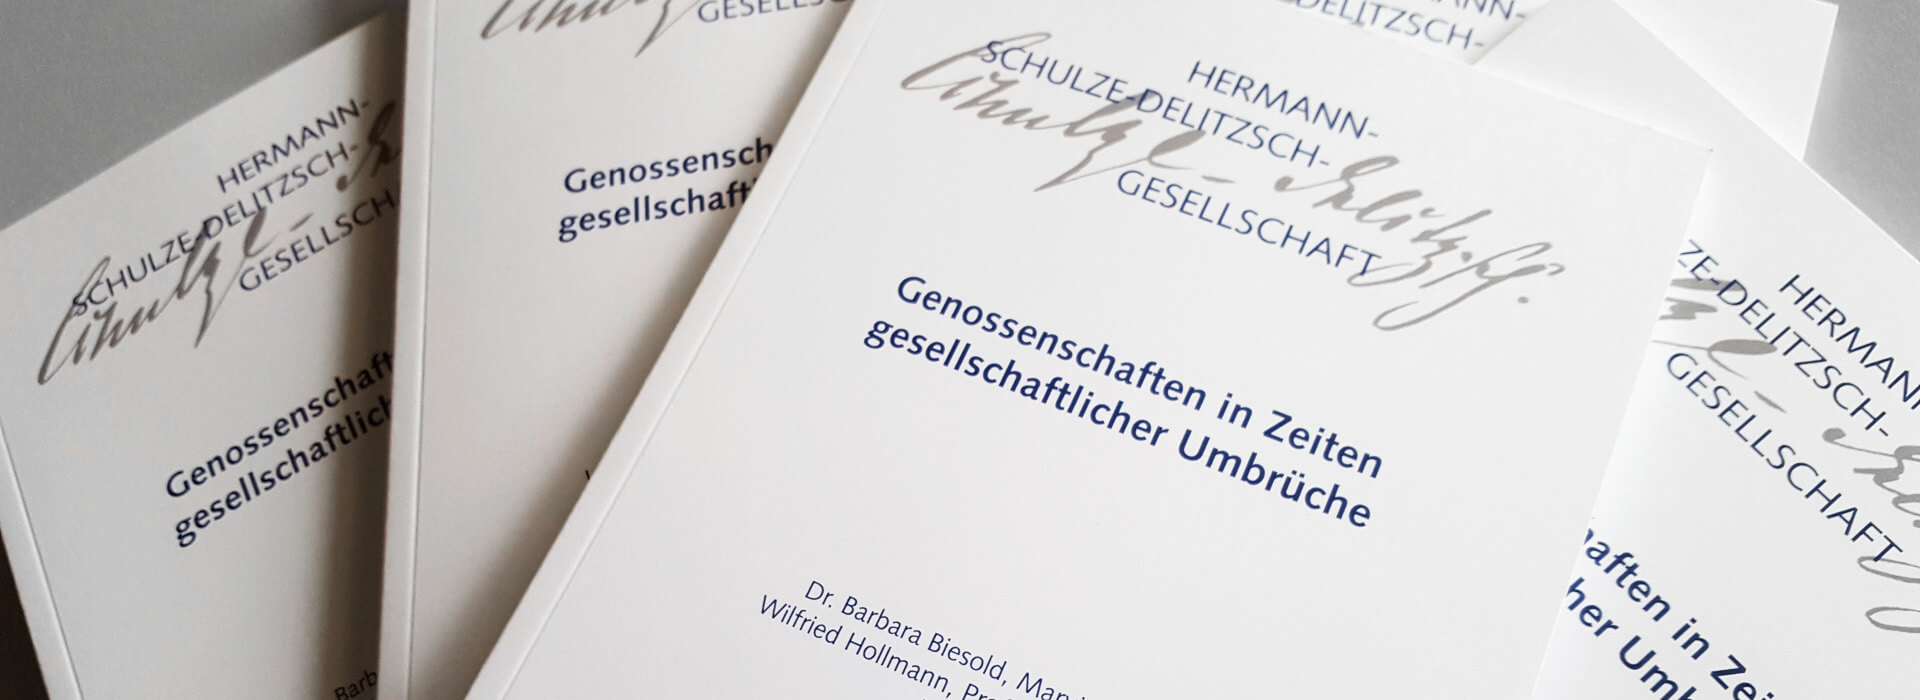 Publikationen des DHSDG